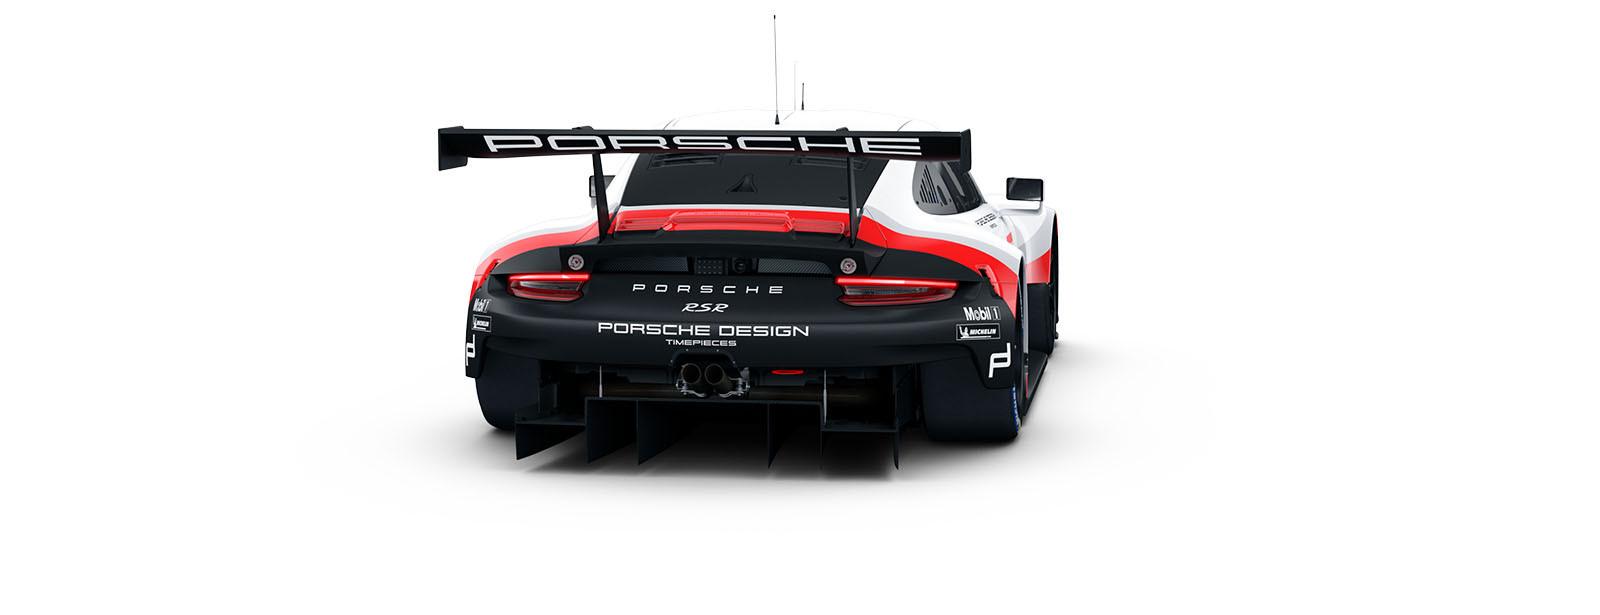 Ausmalbilder Porsche 911 Genial Porsche 911 Rsr Porsche Usa Fotografieren